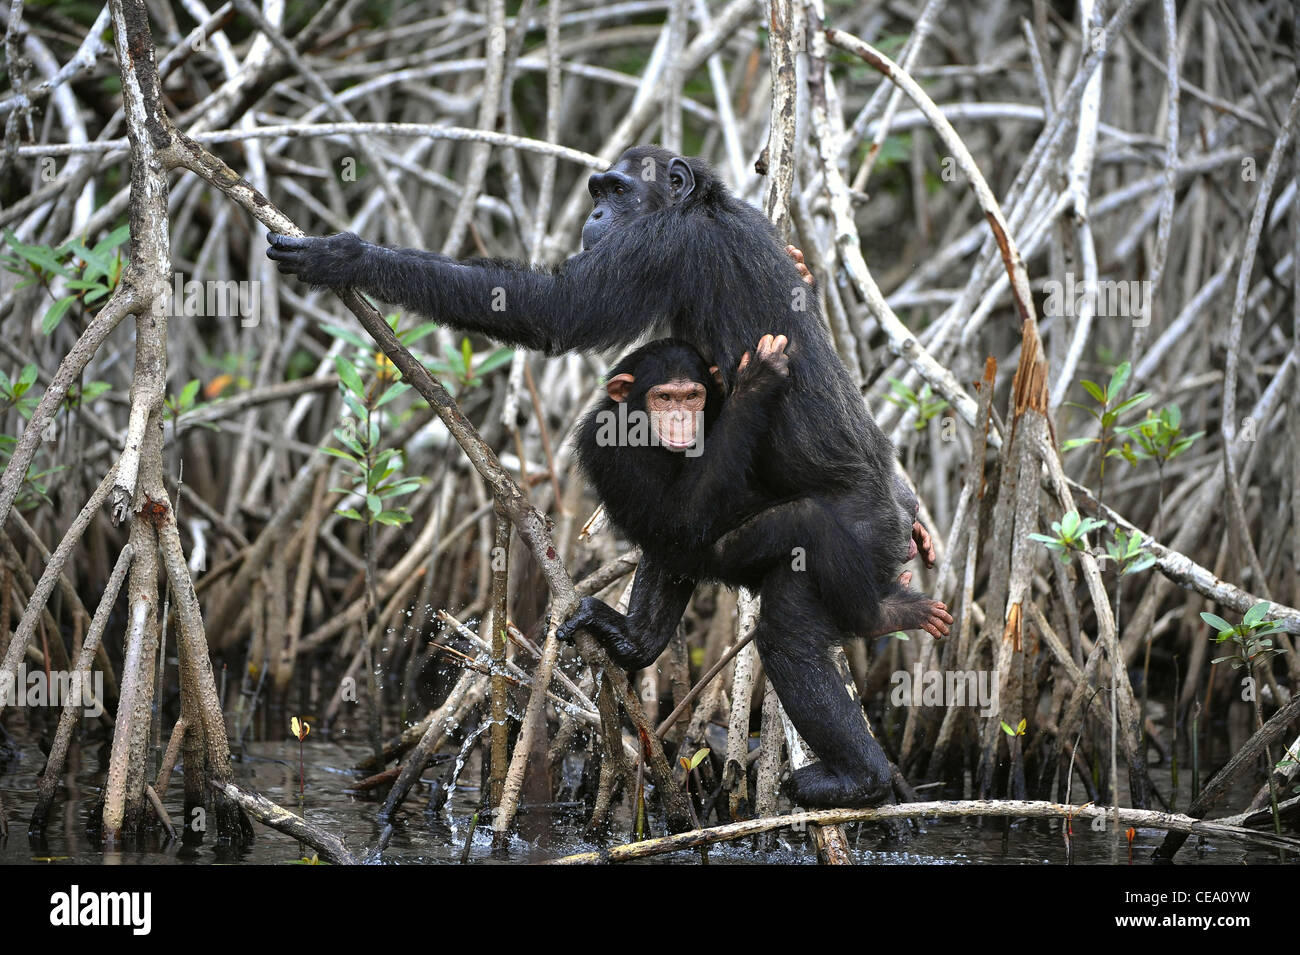 Uno scimpanzé con un cucciolo. La scimpanzé con un cub su radici boschetti di mangrovie Immagini Stock